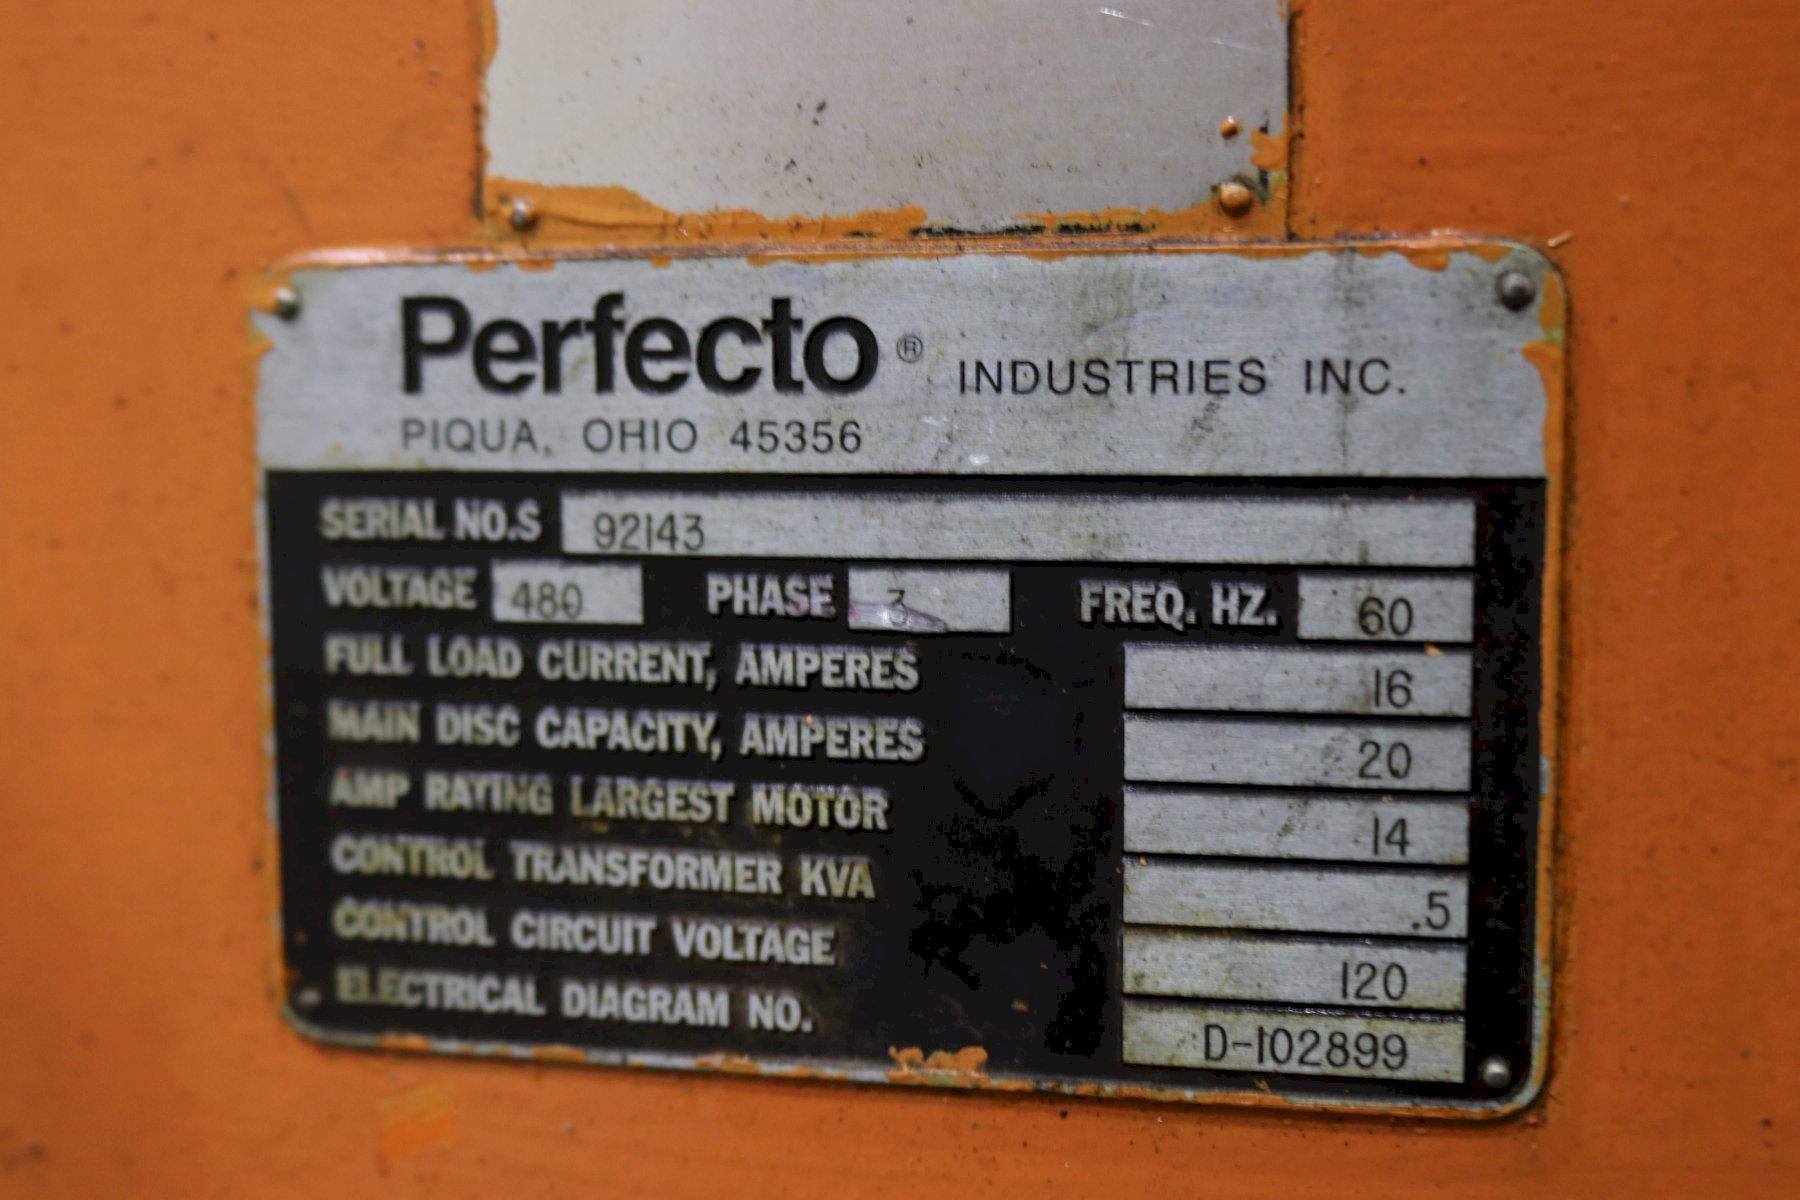 PERFECTO LEVELER: STOCK #73629